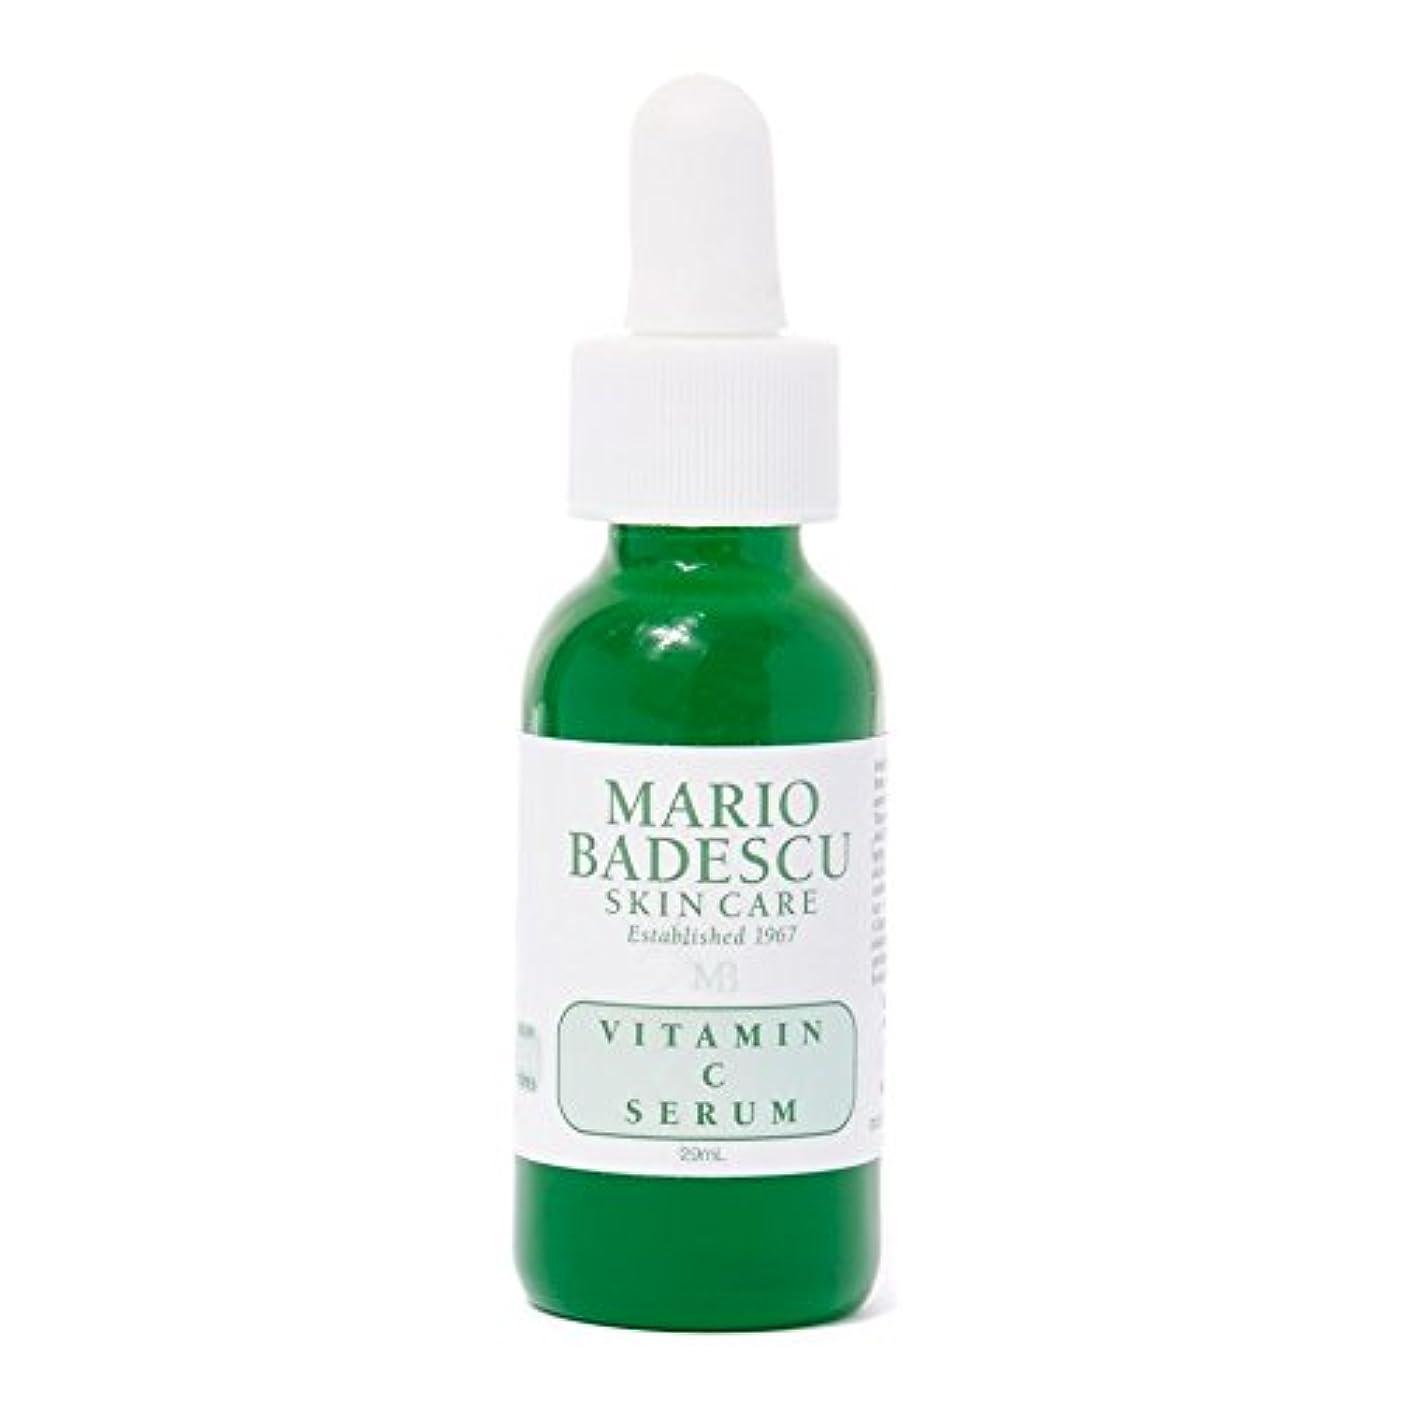 揮発性機関自然マリオ?バデスキュービタミンの血清29ミリリットル x4 - Mario Badescu Vitamin C Serum 29ml (Pack of 4) [並行輸入品]